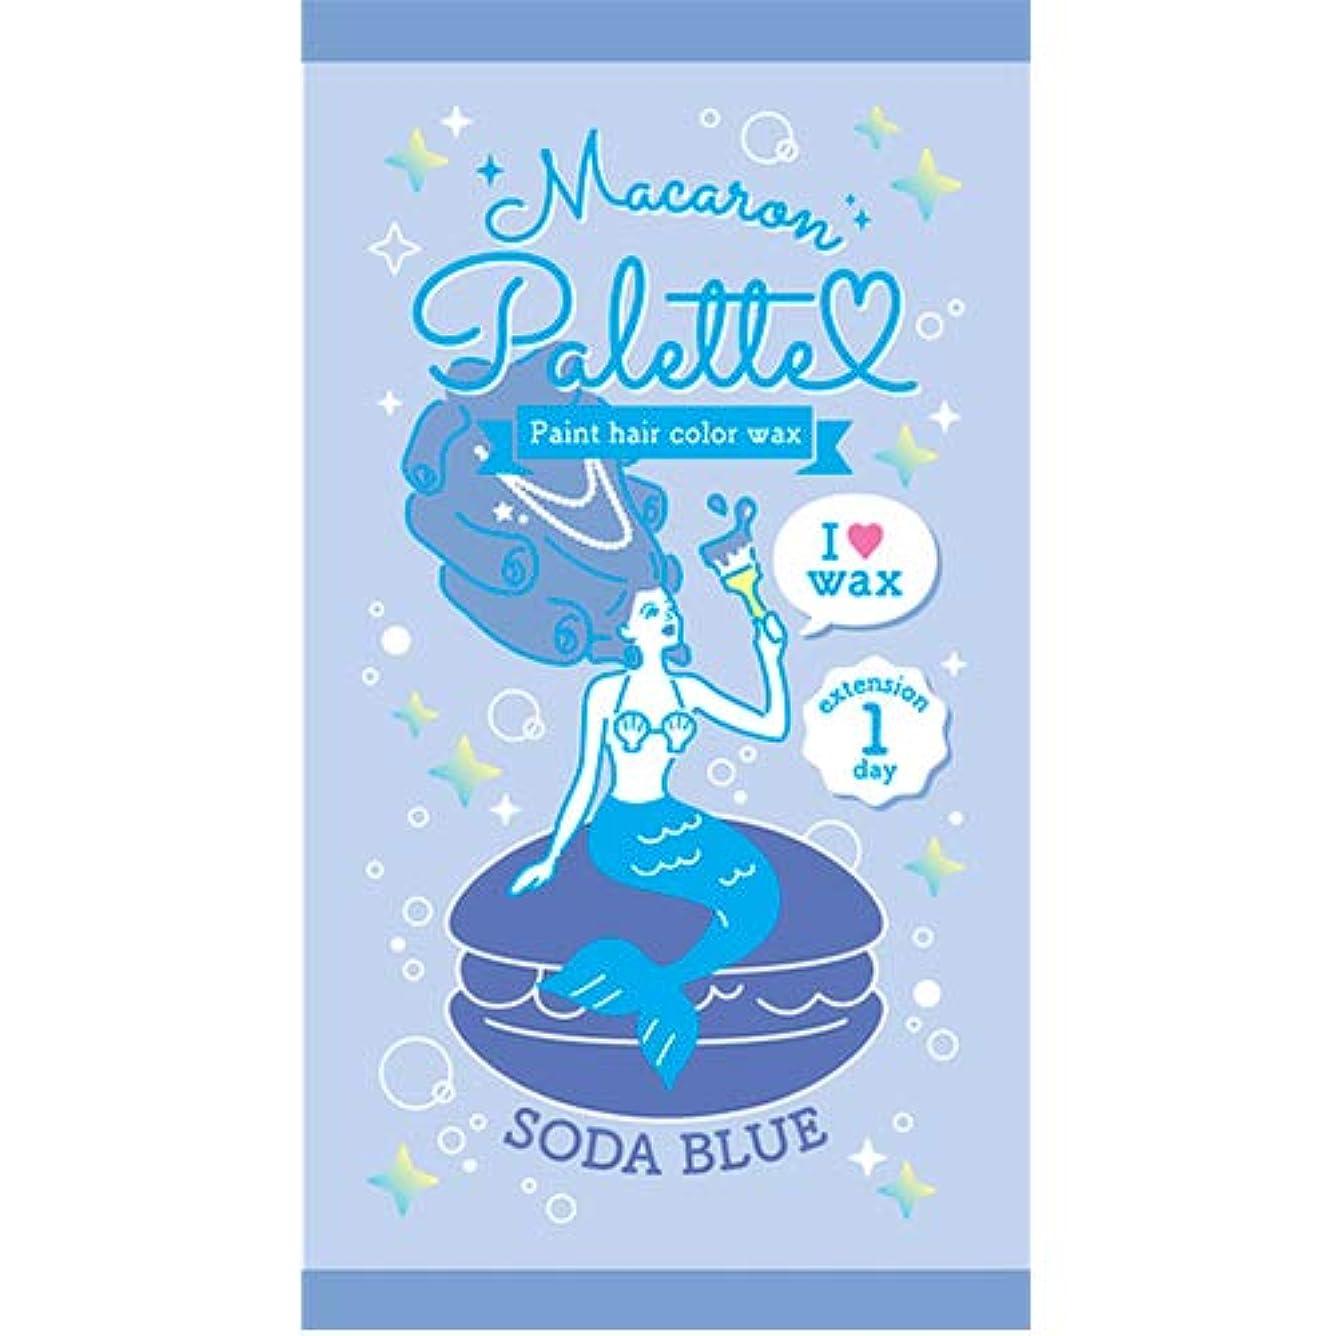 団結する振る舞いレクリエーションマカロンパレット カラーワックス SB (7g) ソーダブルー SODA BLUE